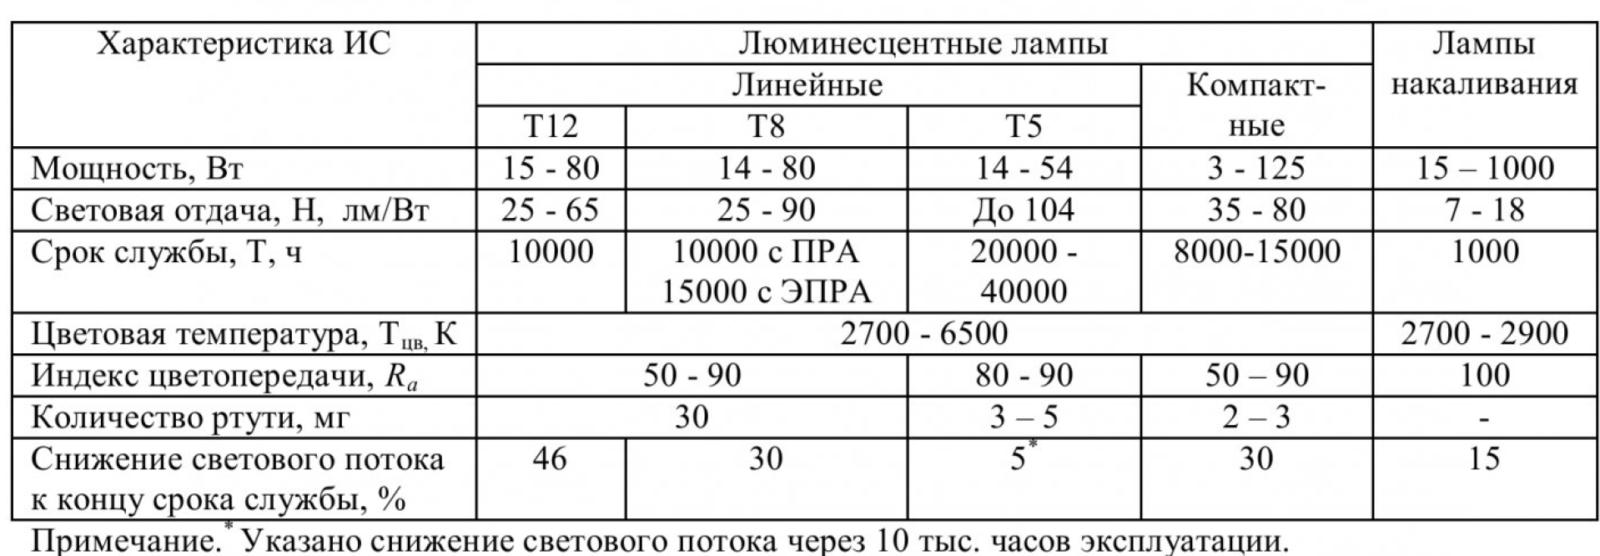 Таблица 1 – Характеристики ЛЛ и ЛН